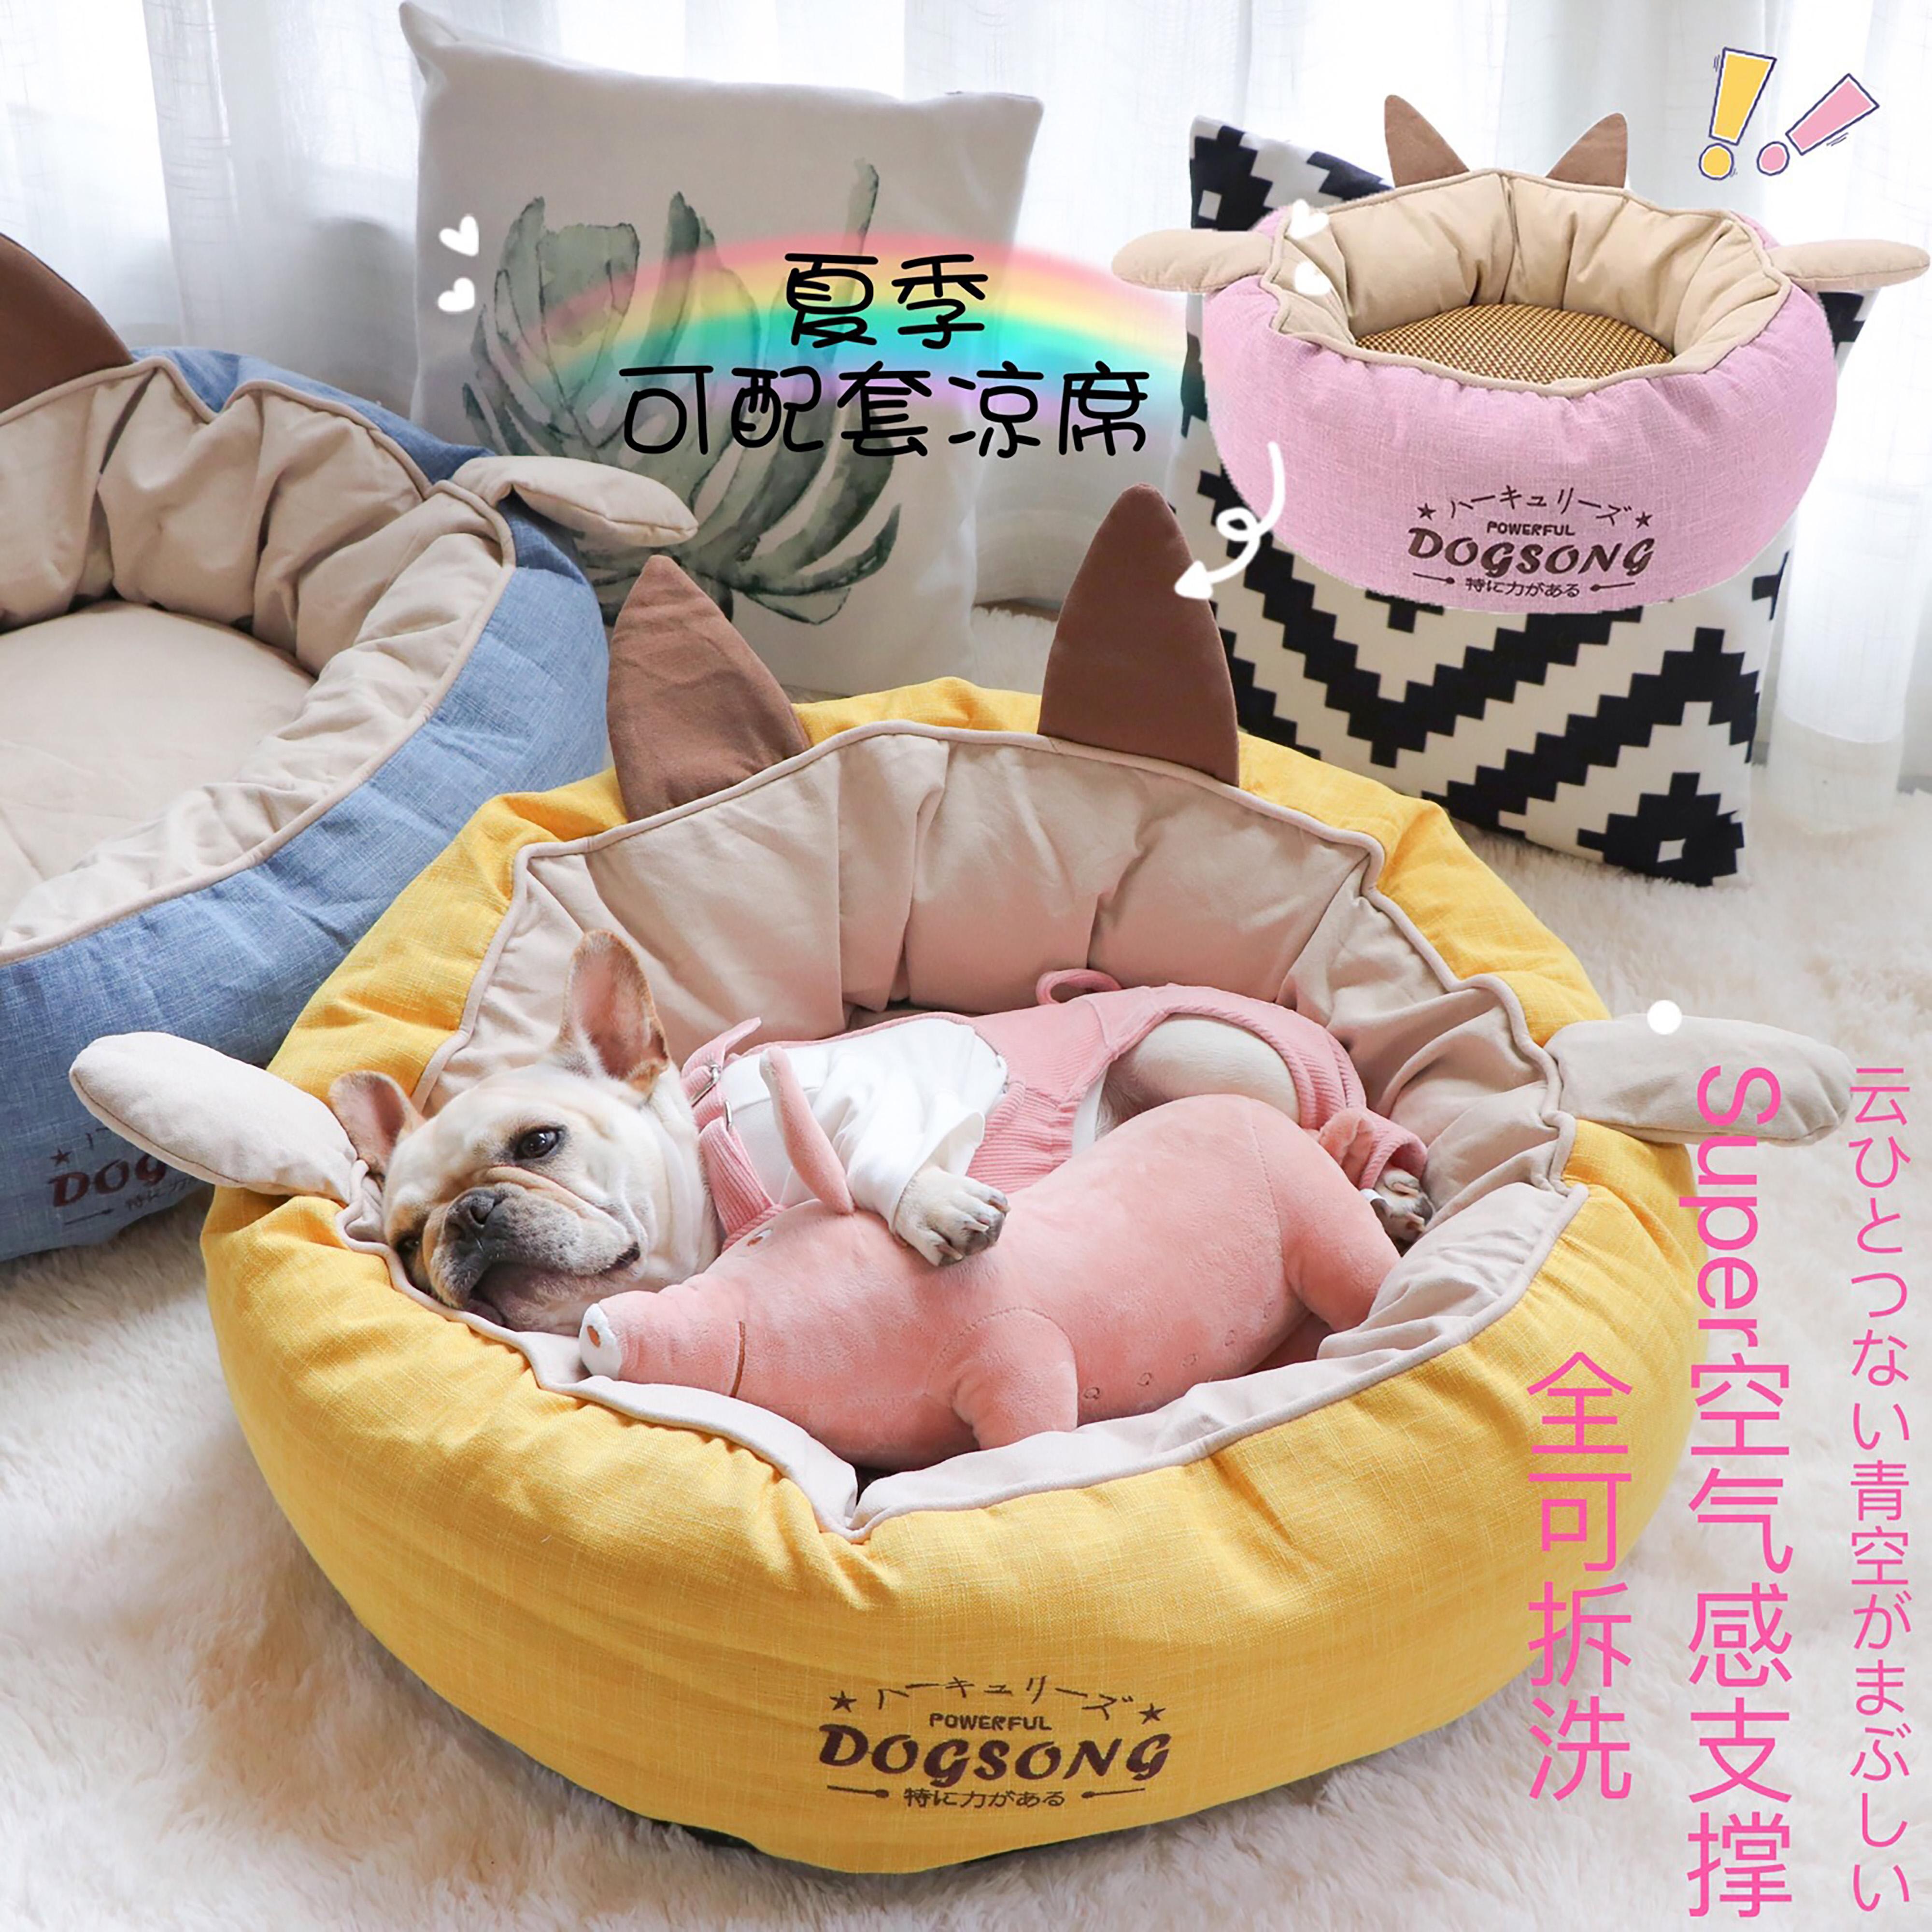 狗窝冬天保暖四季通用可拆洗泰迪法斗柯基比熊中型小型犬狗窝狗床图片